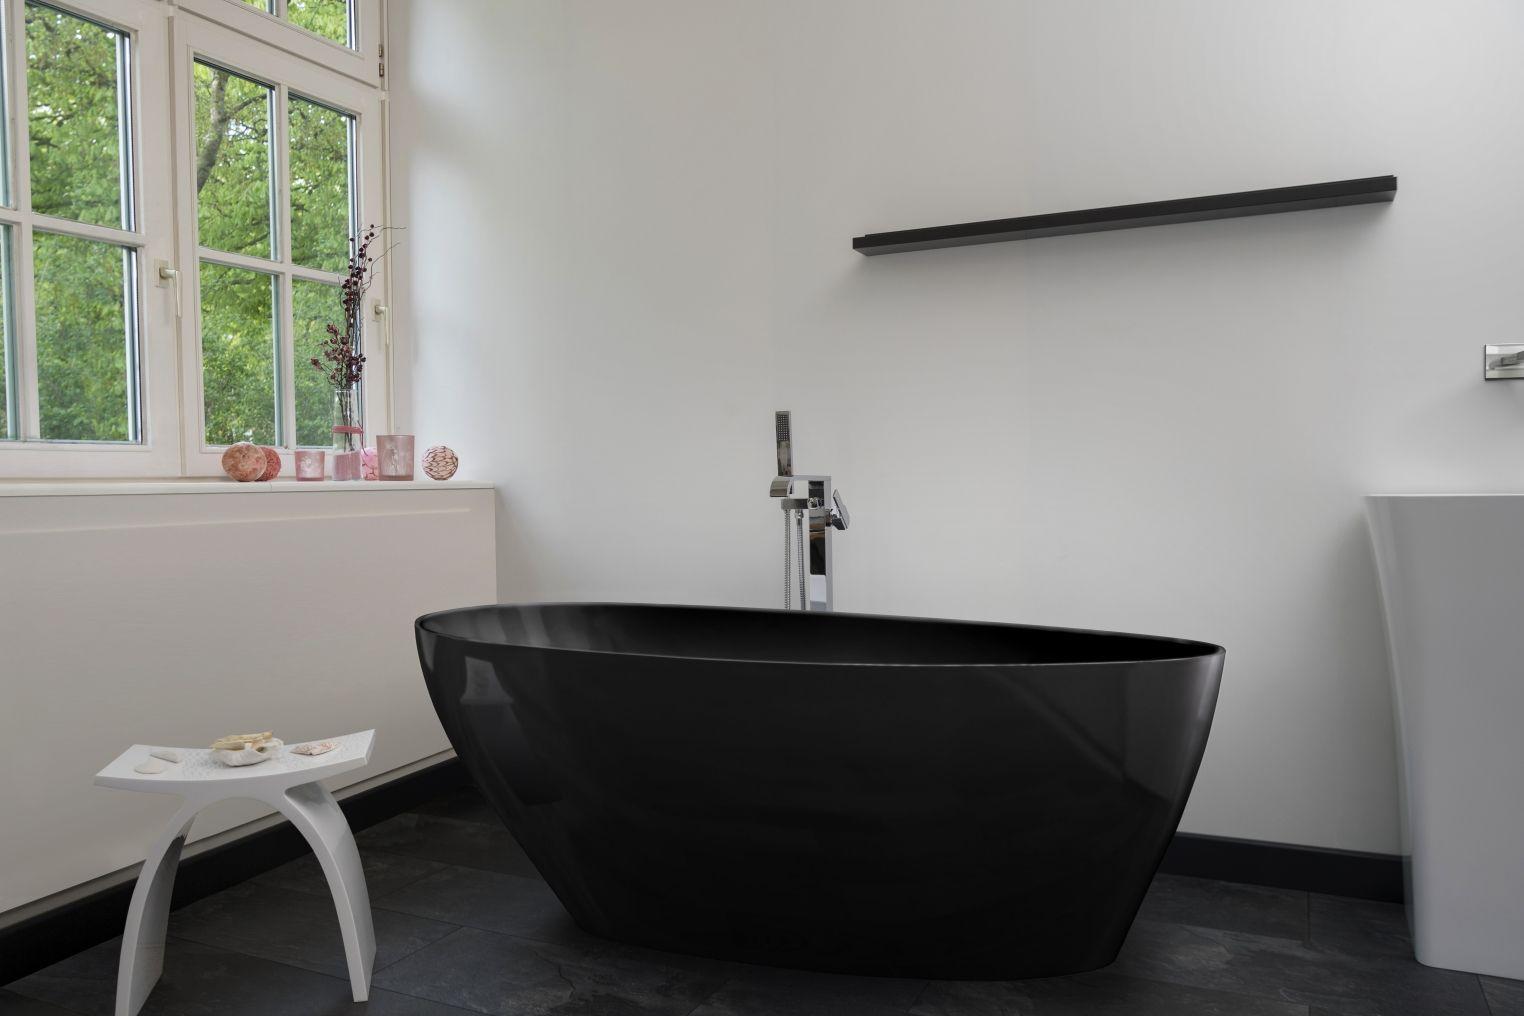 Freistehende Mineralguss Badewanne 160x70 Inkl Ablaufventil Flachsiphon Modena Nero Kaufen Bei Hood De Badewanne Ablaufventil Schwarze Wanne